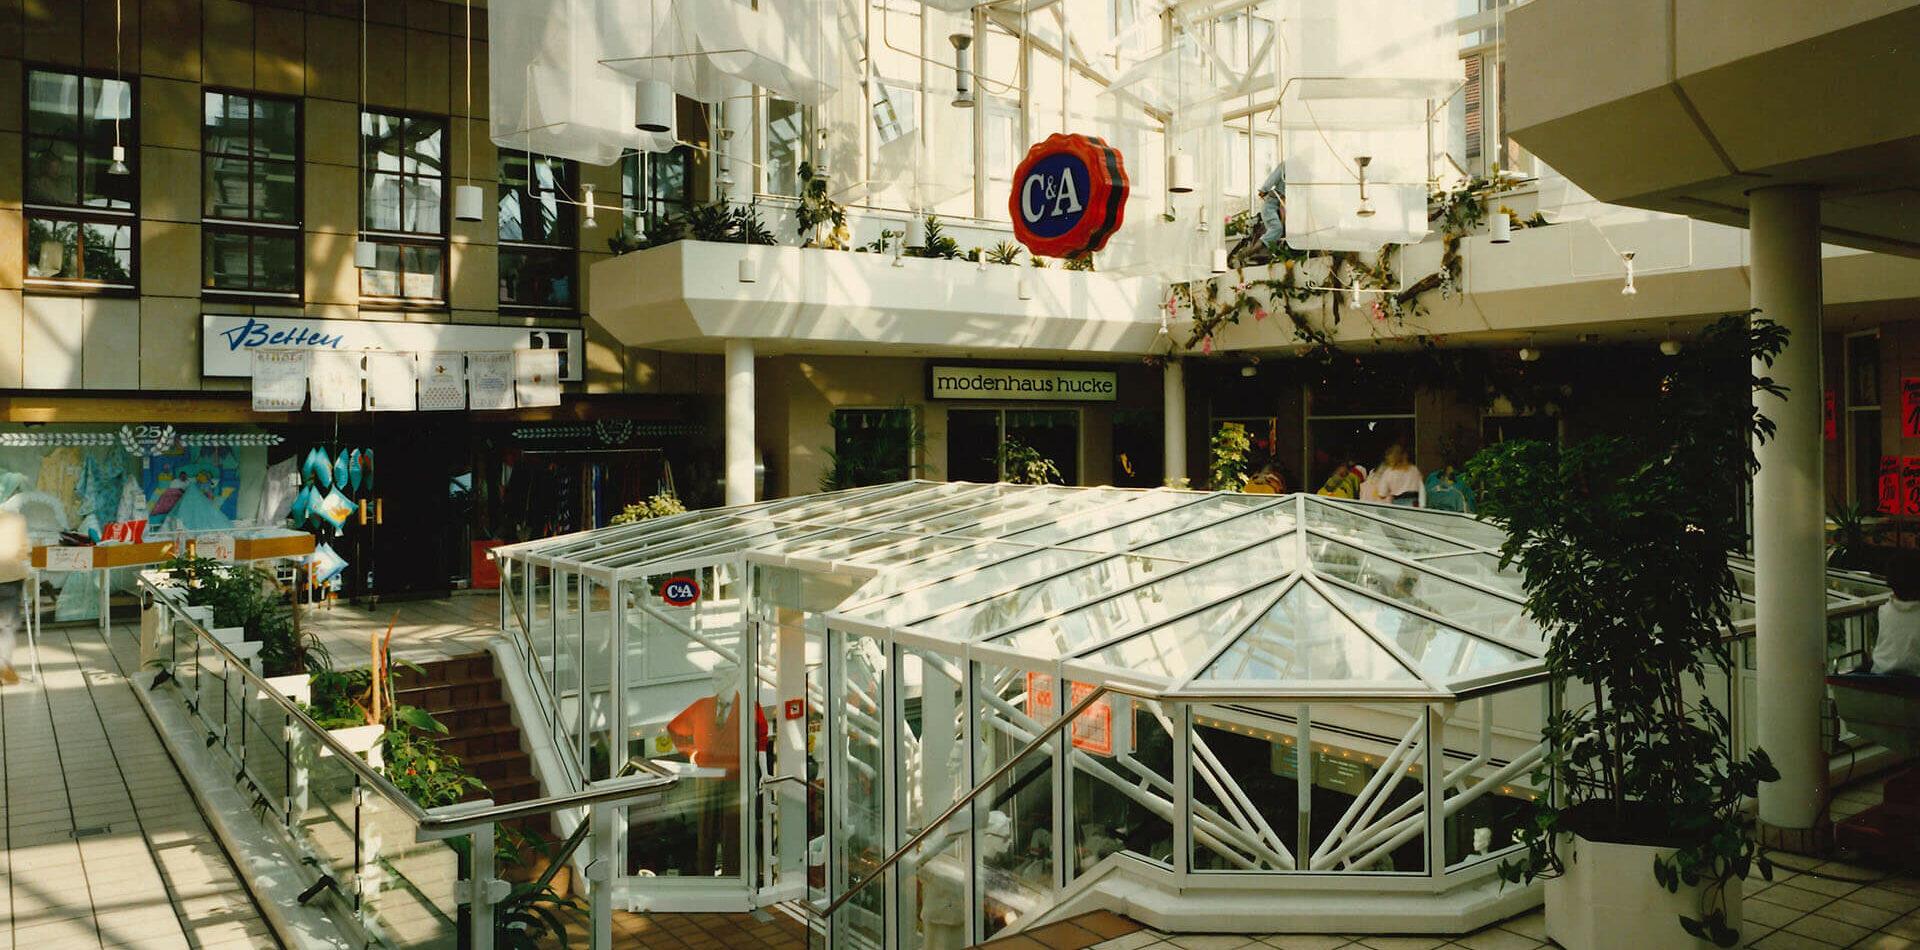 C&A Detmold 1989